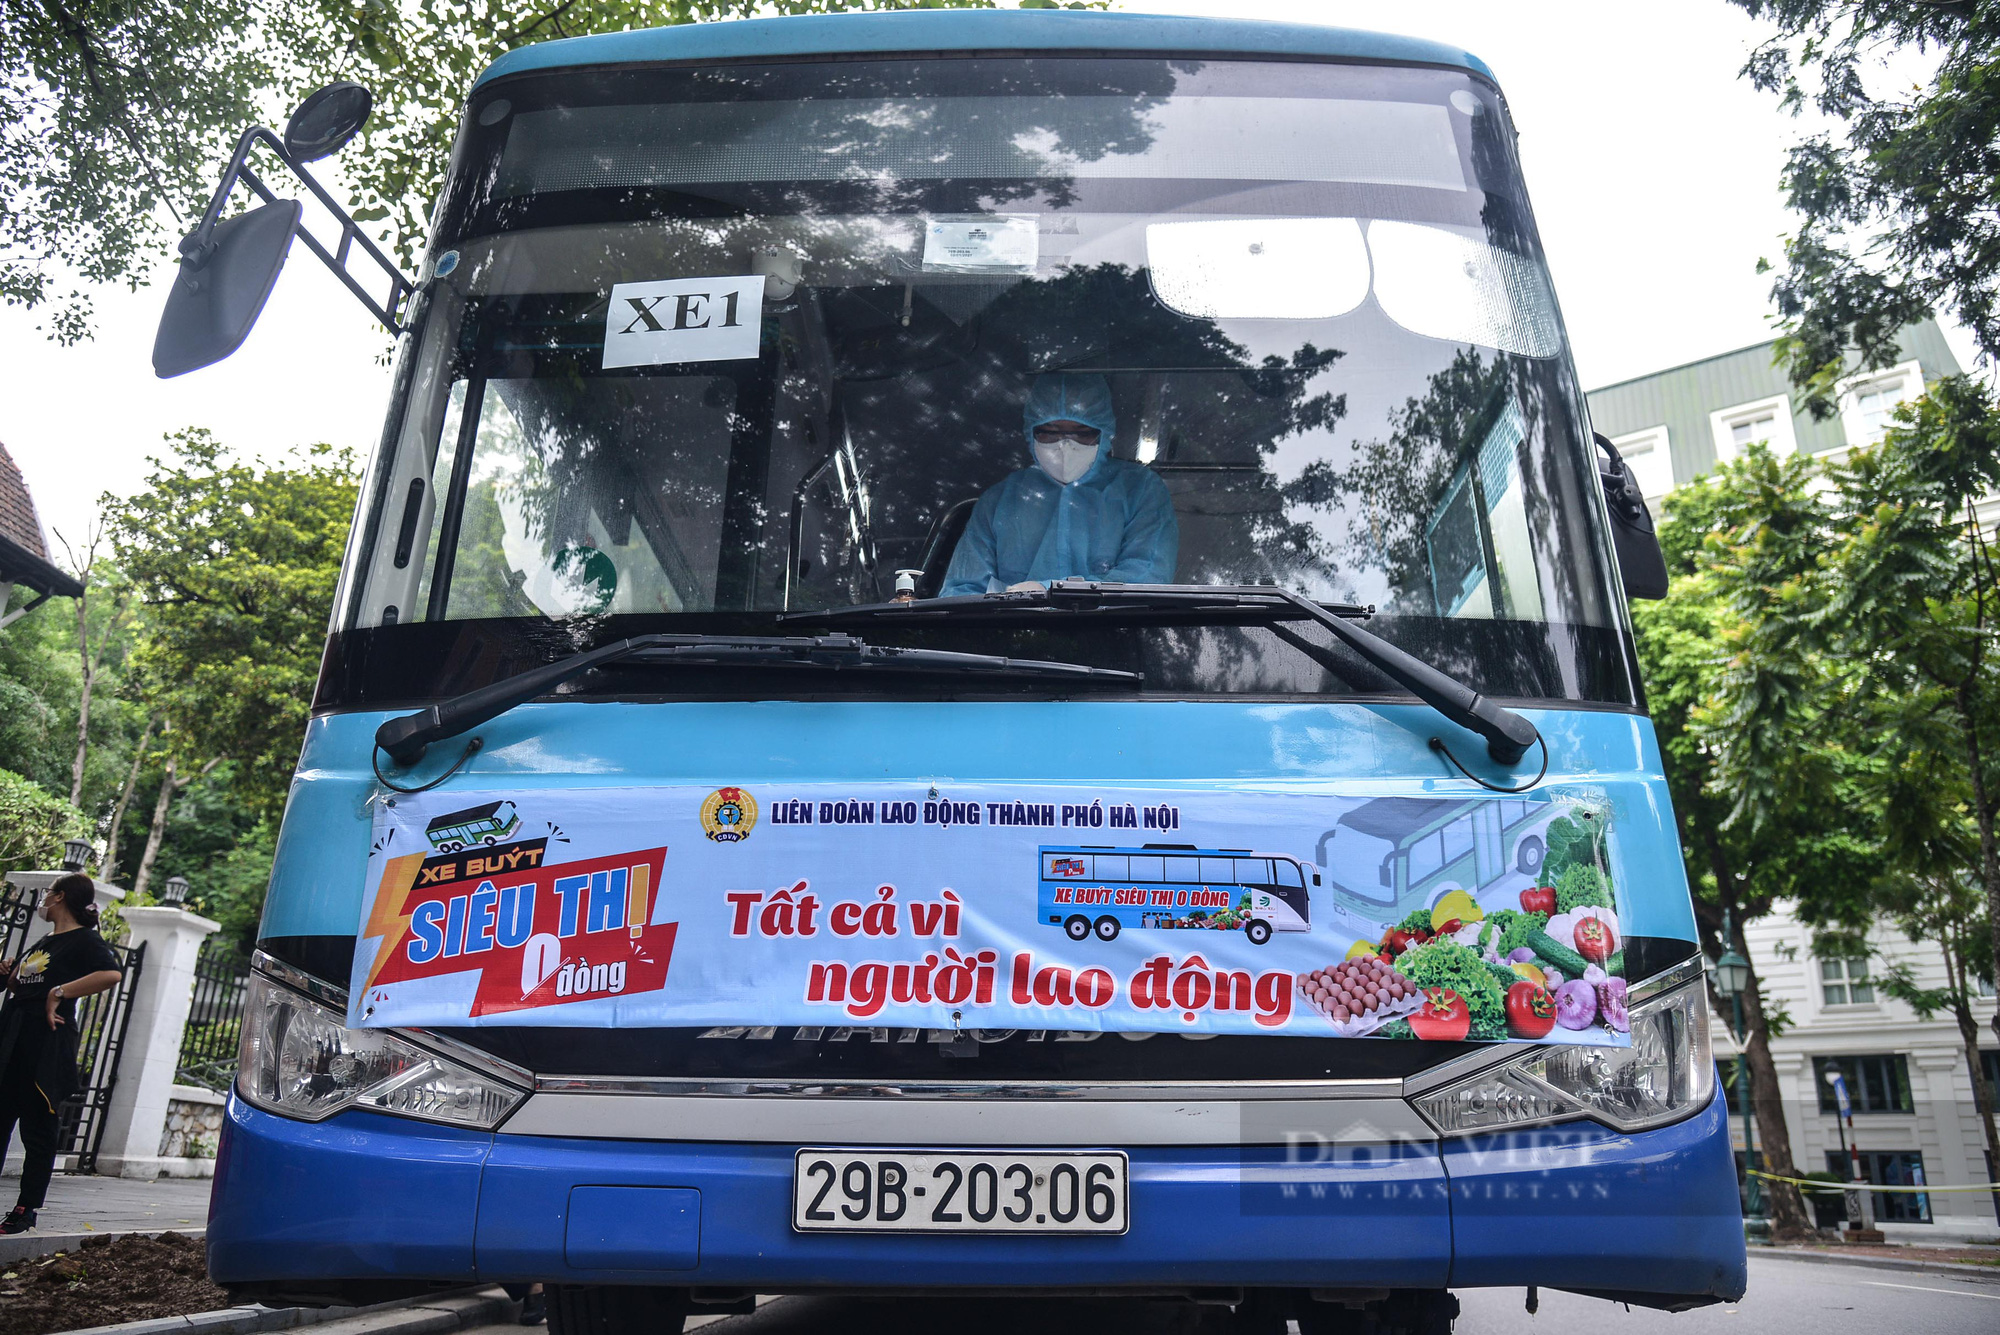 """Cận cảnh """"Xe buýt siêu thị 0 đồng"""" đầu tiên phục vụ CNLĐ khu công nghiệp Hà Nội - Ảnh 1."""